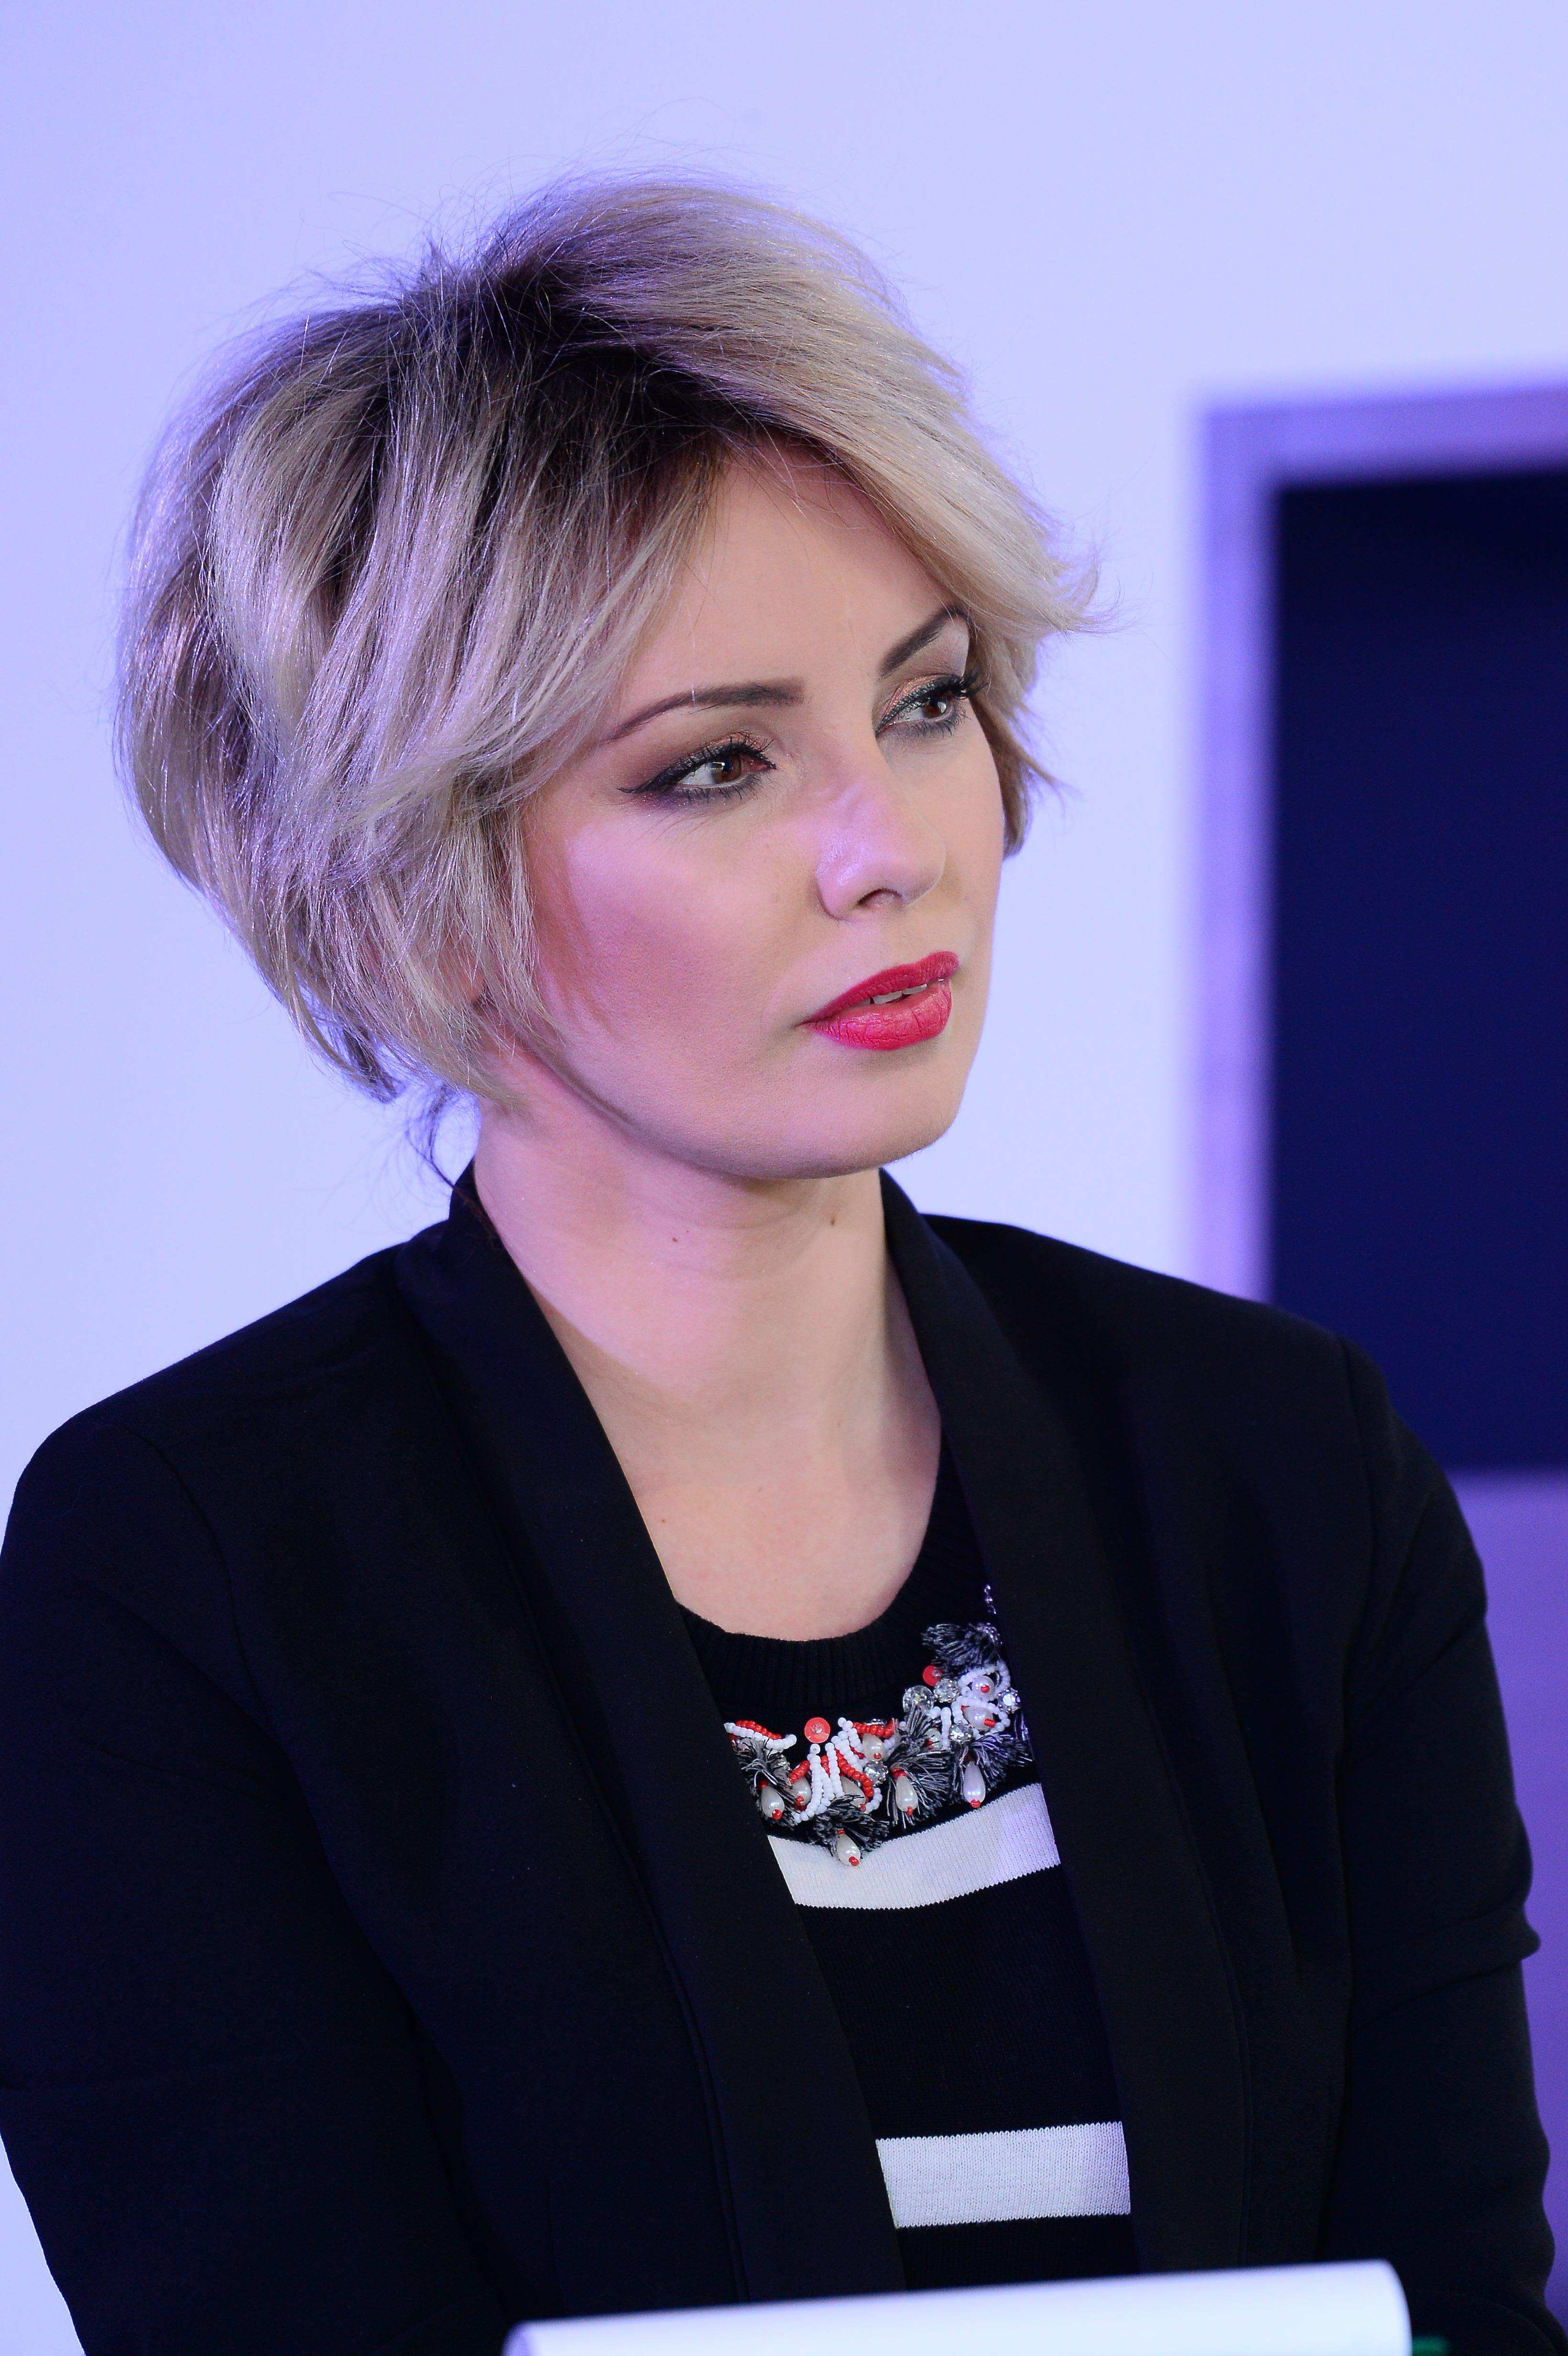 Dorota Gardias I Jej Nowa Fryzura Na Salonach Jak Wygląda